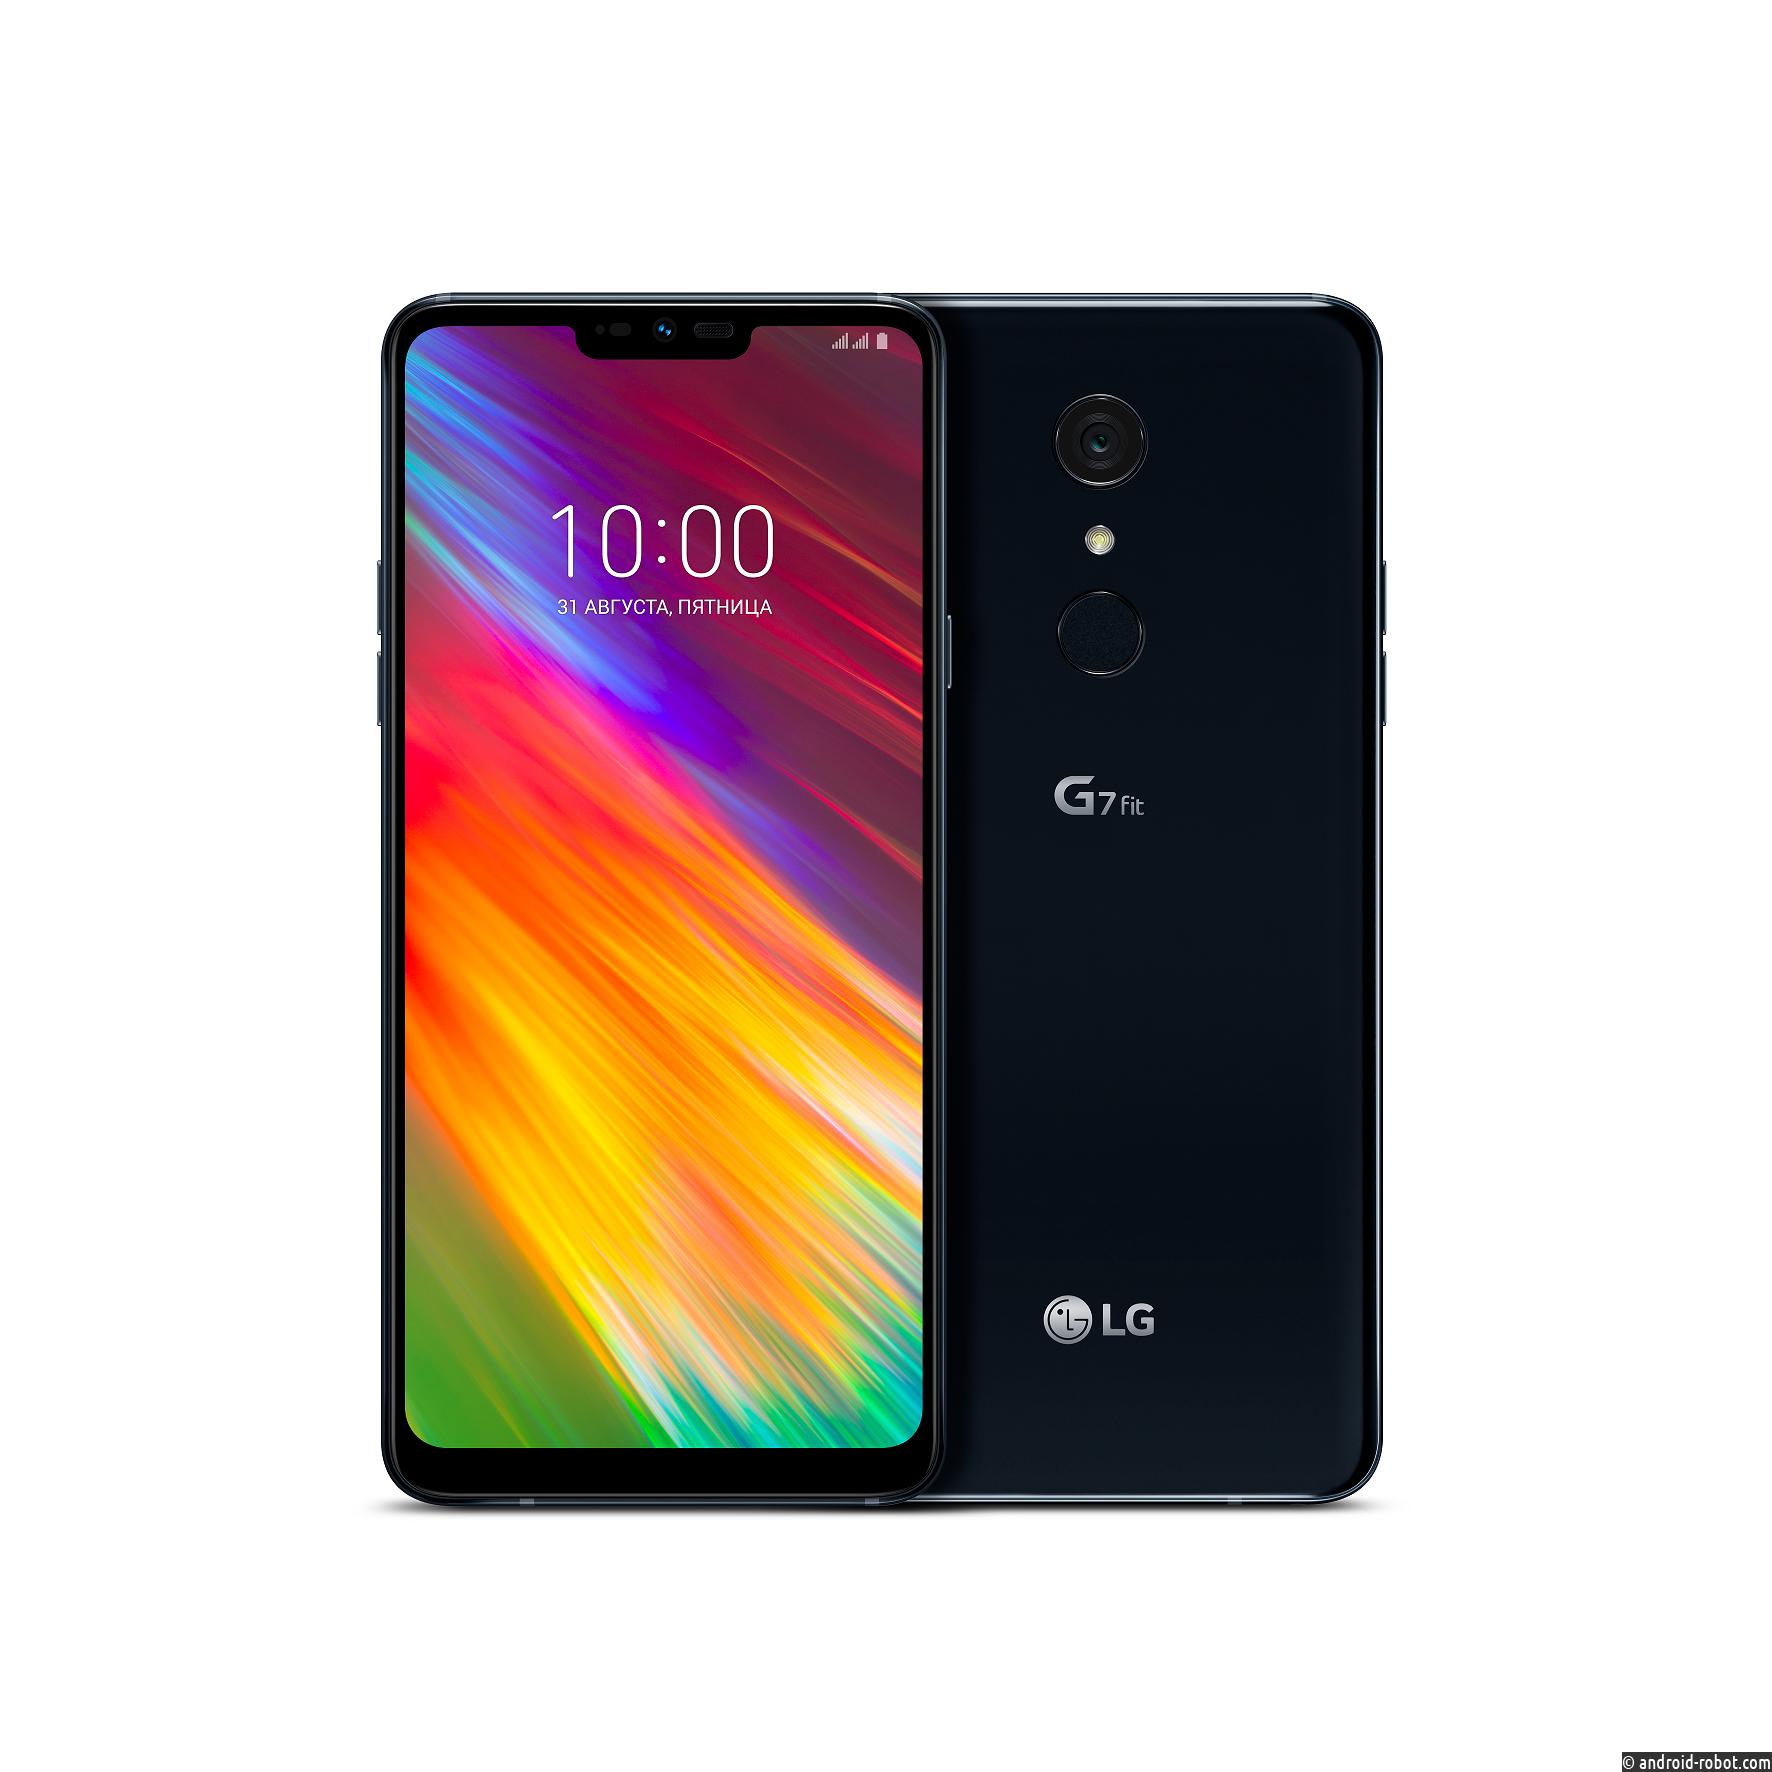 Смартфон LG G7 FIT появился в продаже в России